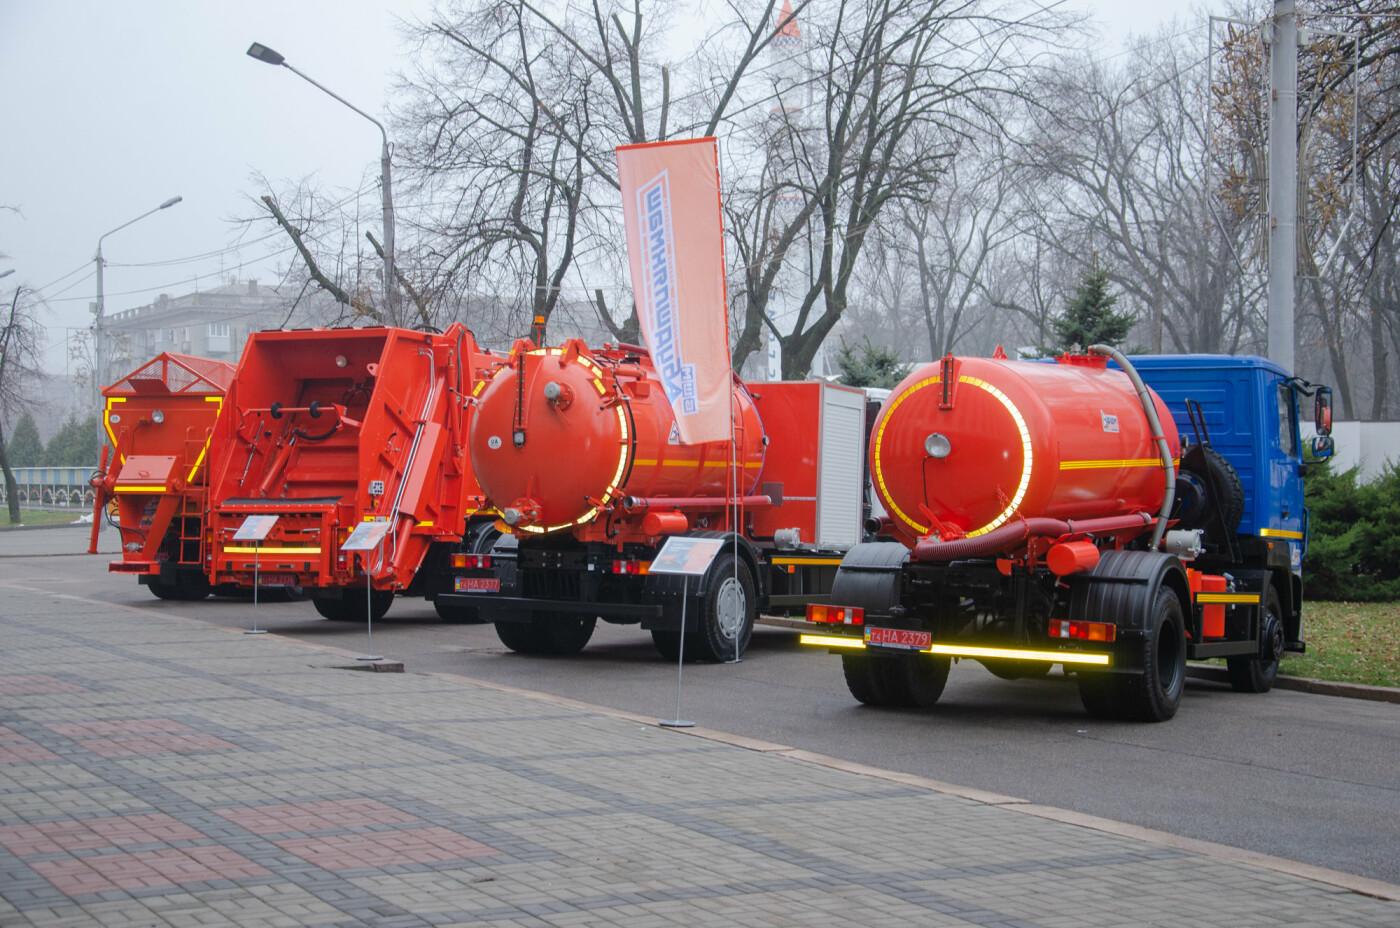 В Днепре устроили выставку новинок коммунальной и транспортной техники, - ФОТО, фото-1